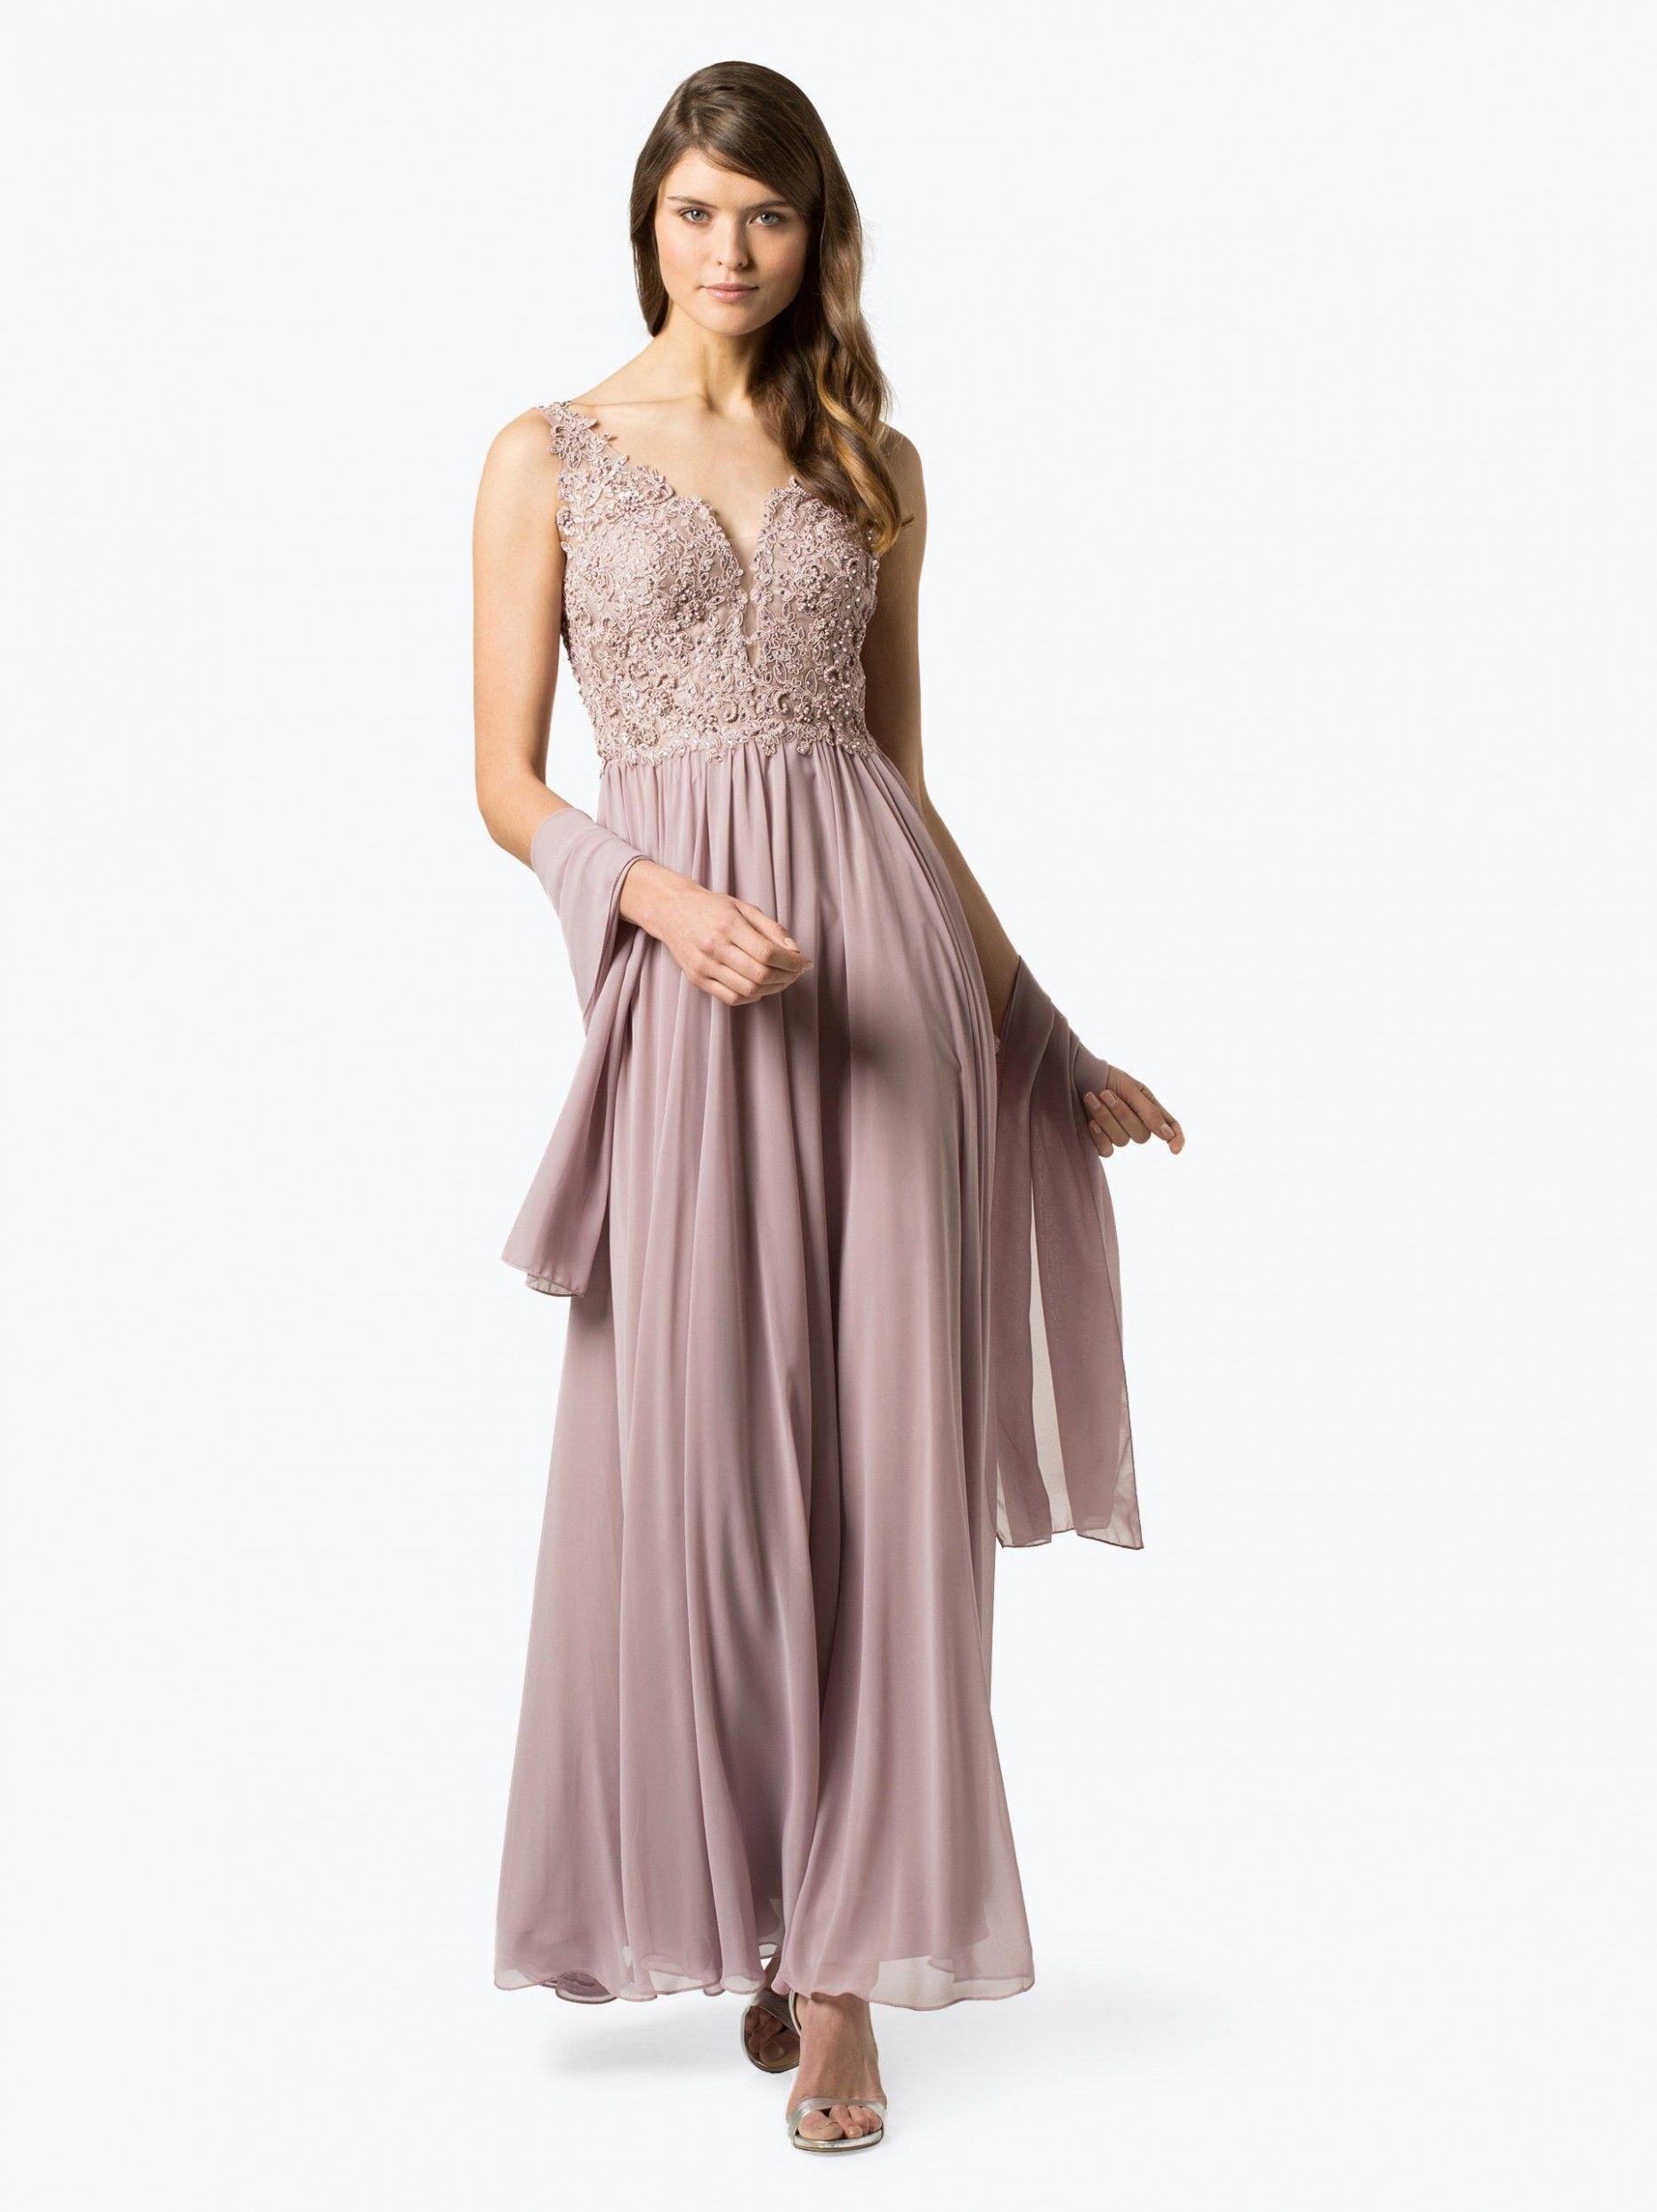 8 Top Bild Abendkleider Online Bestellen Auf Rechnung In 2021 Dresses Fashion Bridesmaid Dresses